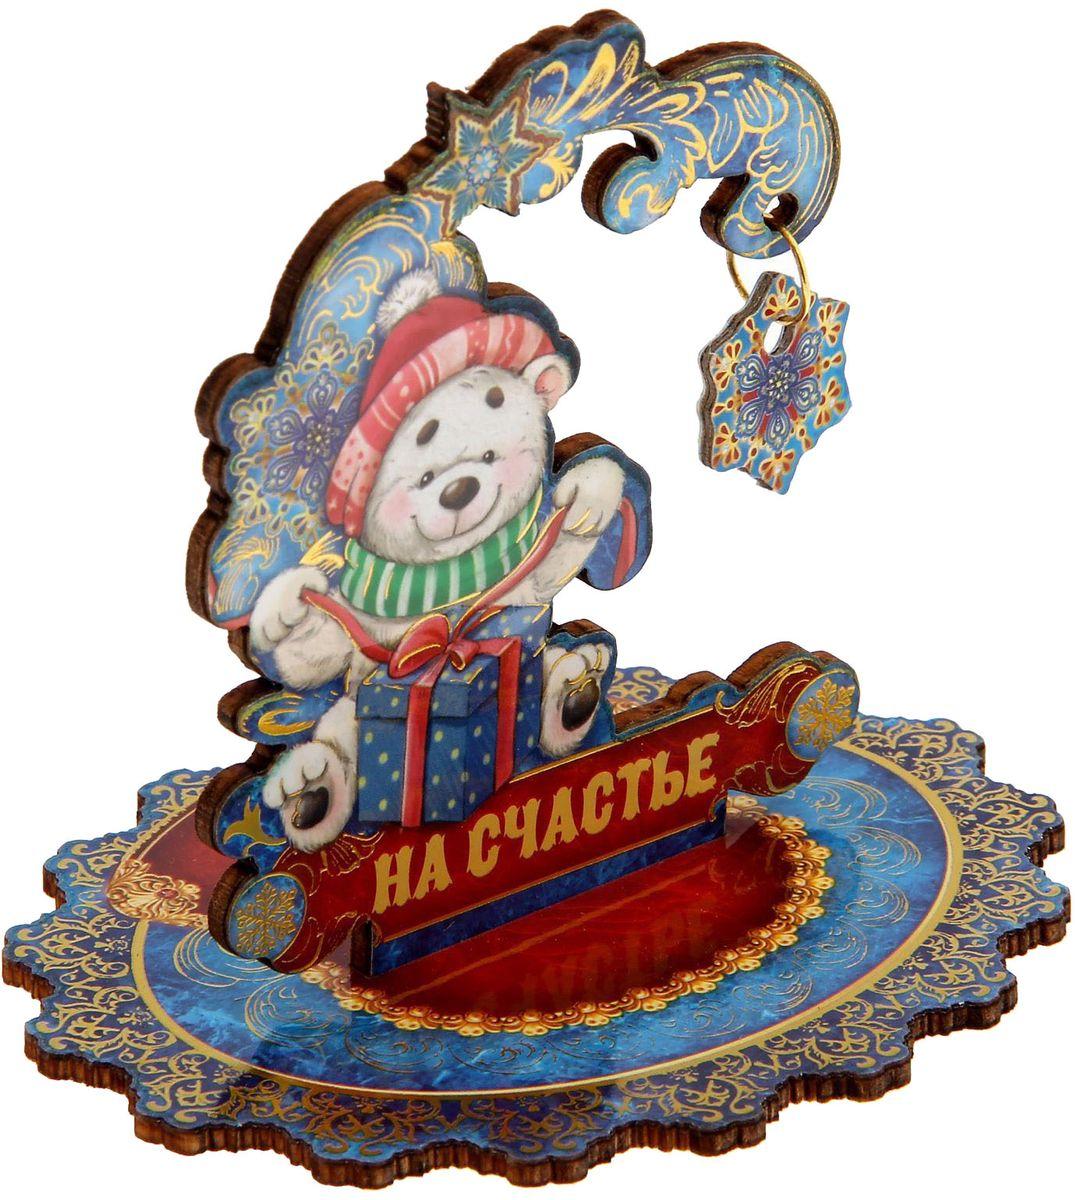 Оберег настольный Sima-land На счастье, цвет: синий, 7,3 х 8,6 см1433249Приближаются самые добрые и долгожданные праздники — Новый год и Рождество И каждого из нас ждет оригинальный и полезный подарок. Обереги или талисманы — это чудесные сувениры, способные привлечь счастье, успех и достаток, стоит лишь расположить их на рабочем столе дома или в офисе! Или носить с собой в качестве оберега. Такие подарки прекрасно впишутся в любой интерьер и станут отличным атрибутом праздника, а также станут отличным оберегом своего хозяина.